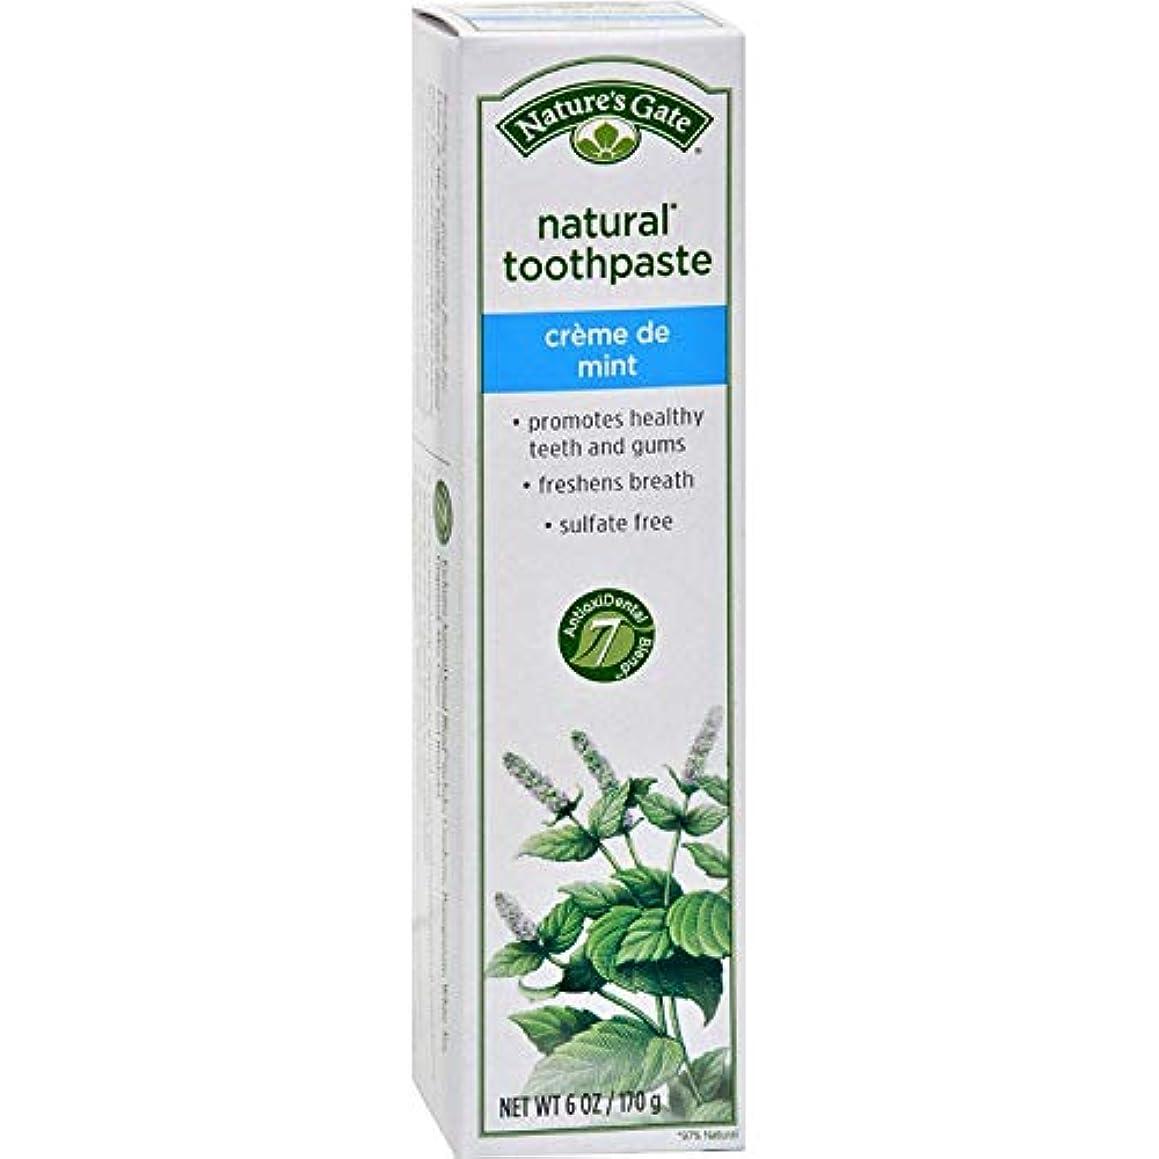 助けになる役員命題Nature's Gate, Natural Toothpaste, Creme de Mint, 6 oz (170 g)